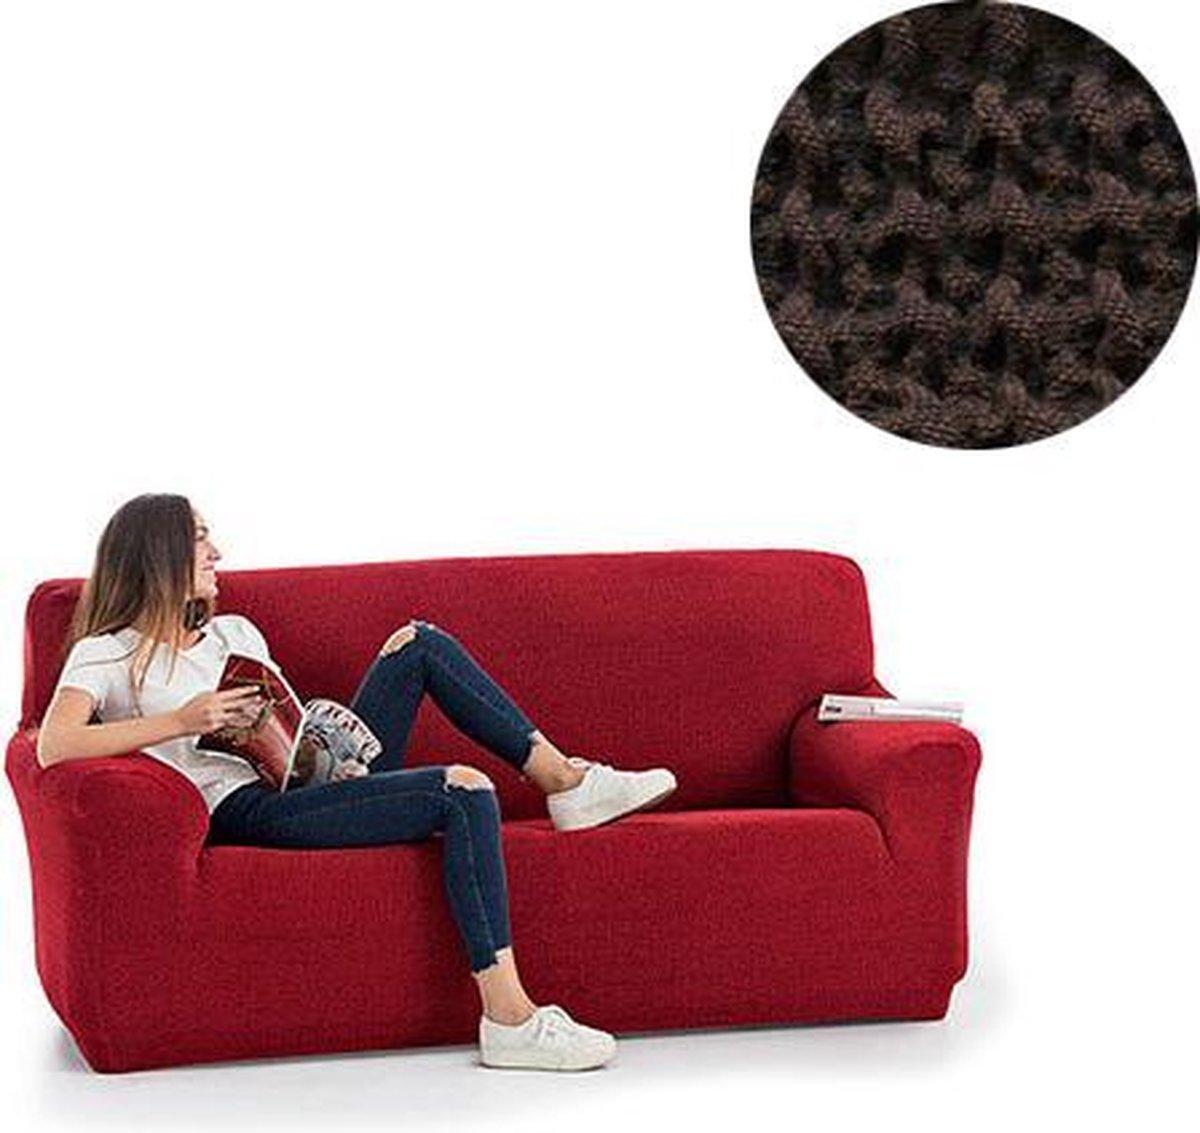 Milos meubelhoezen - Bankhoes 130-180cm - Bruin - Verkrijgbaar in verschillende kleuren!